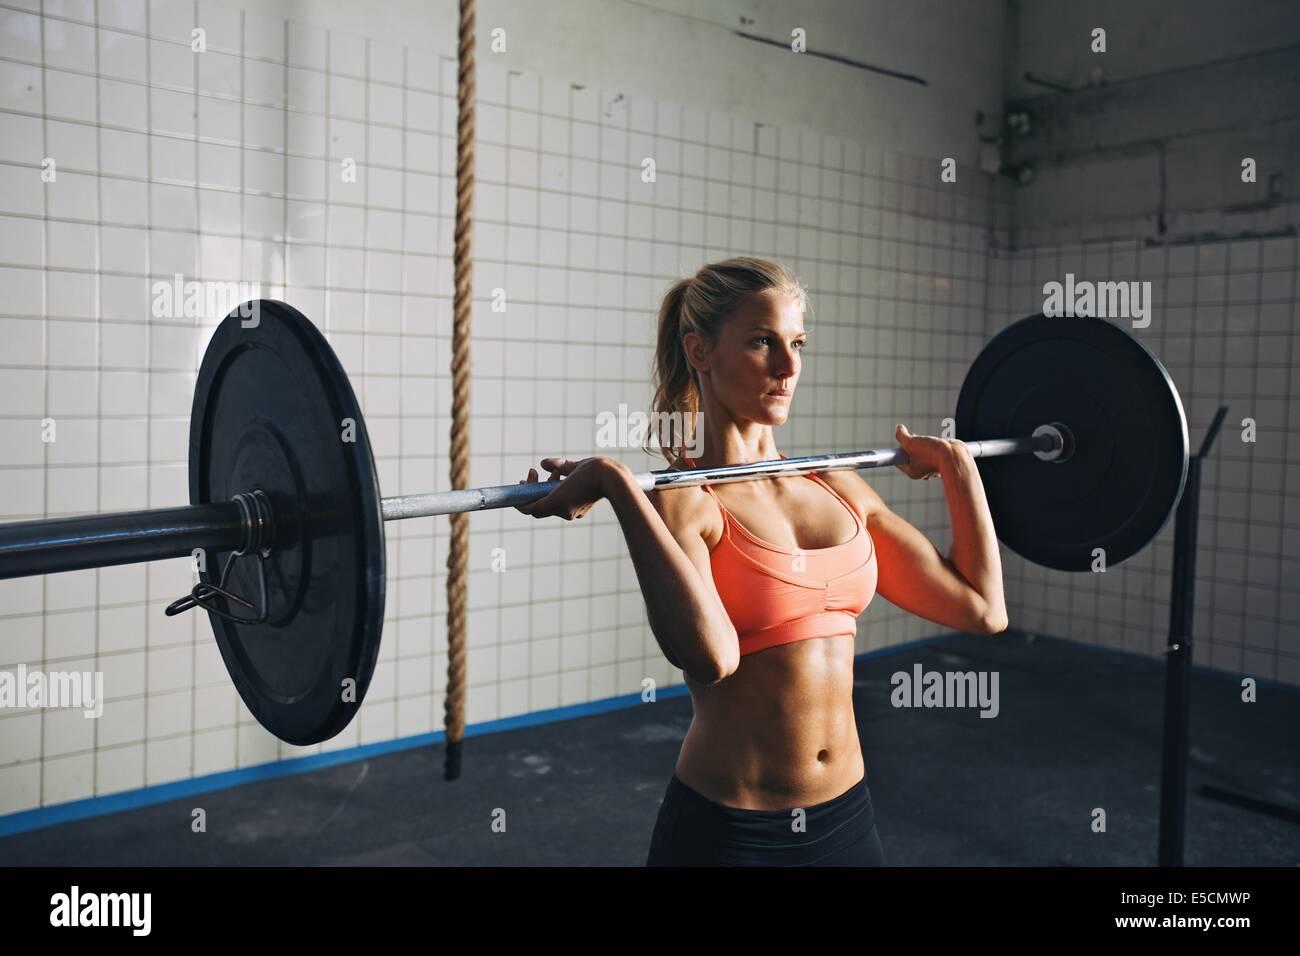 Donna Fitness concentrare durante il sollevamento barbells. Donna forte sollevamento pesi nella palestra crossfit. Immagini Stock